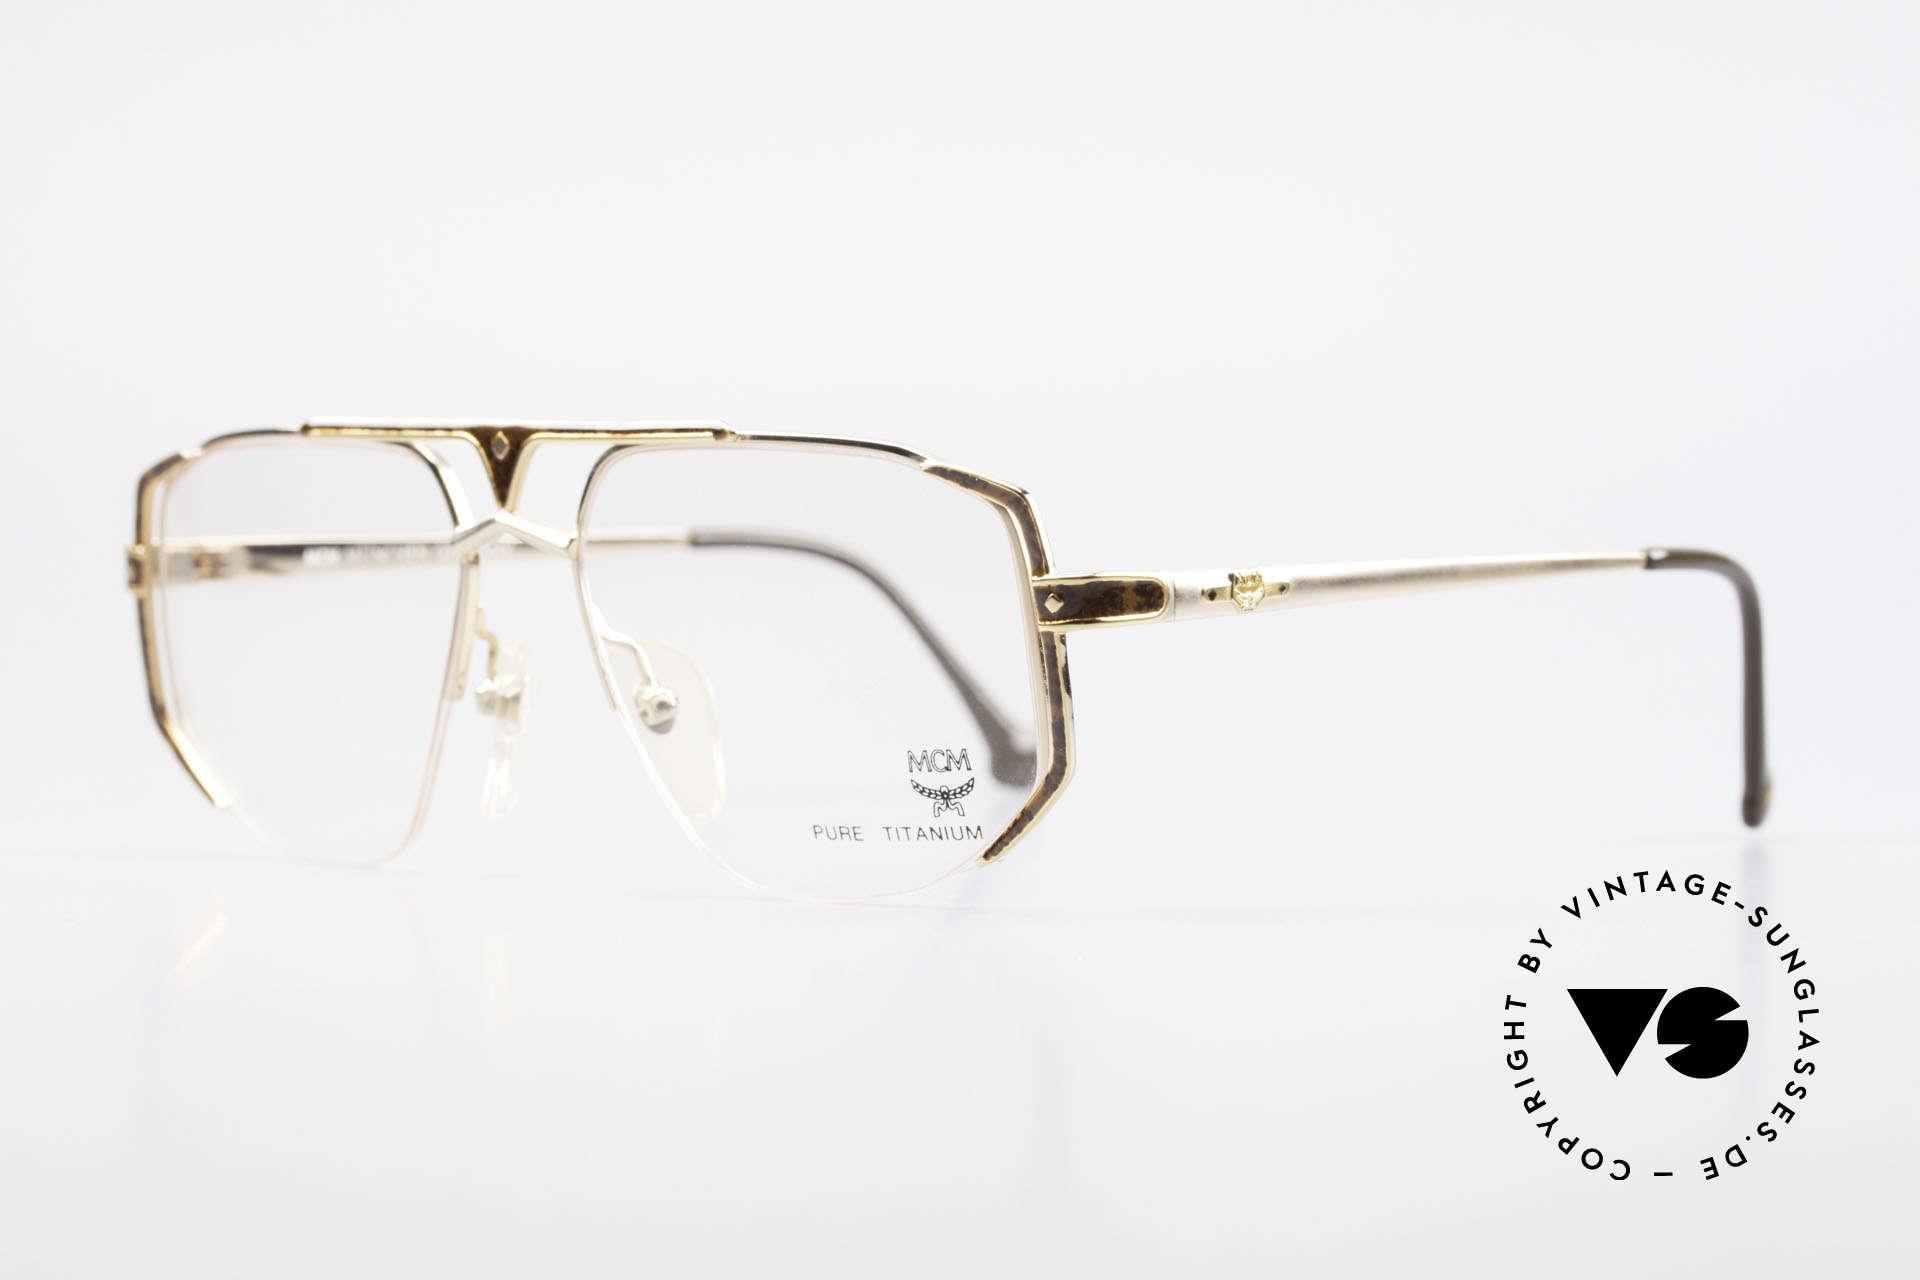 MCM München 5 Pure Titanium Brille Vergoldet, edle 90er Brille mit Seriennummer; Top-Qualität, Passend für Herren